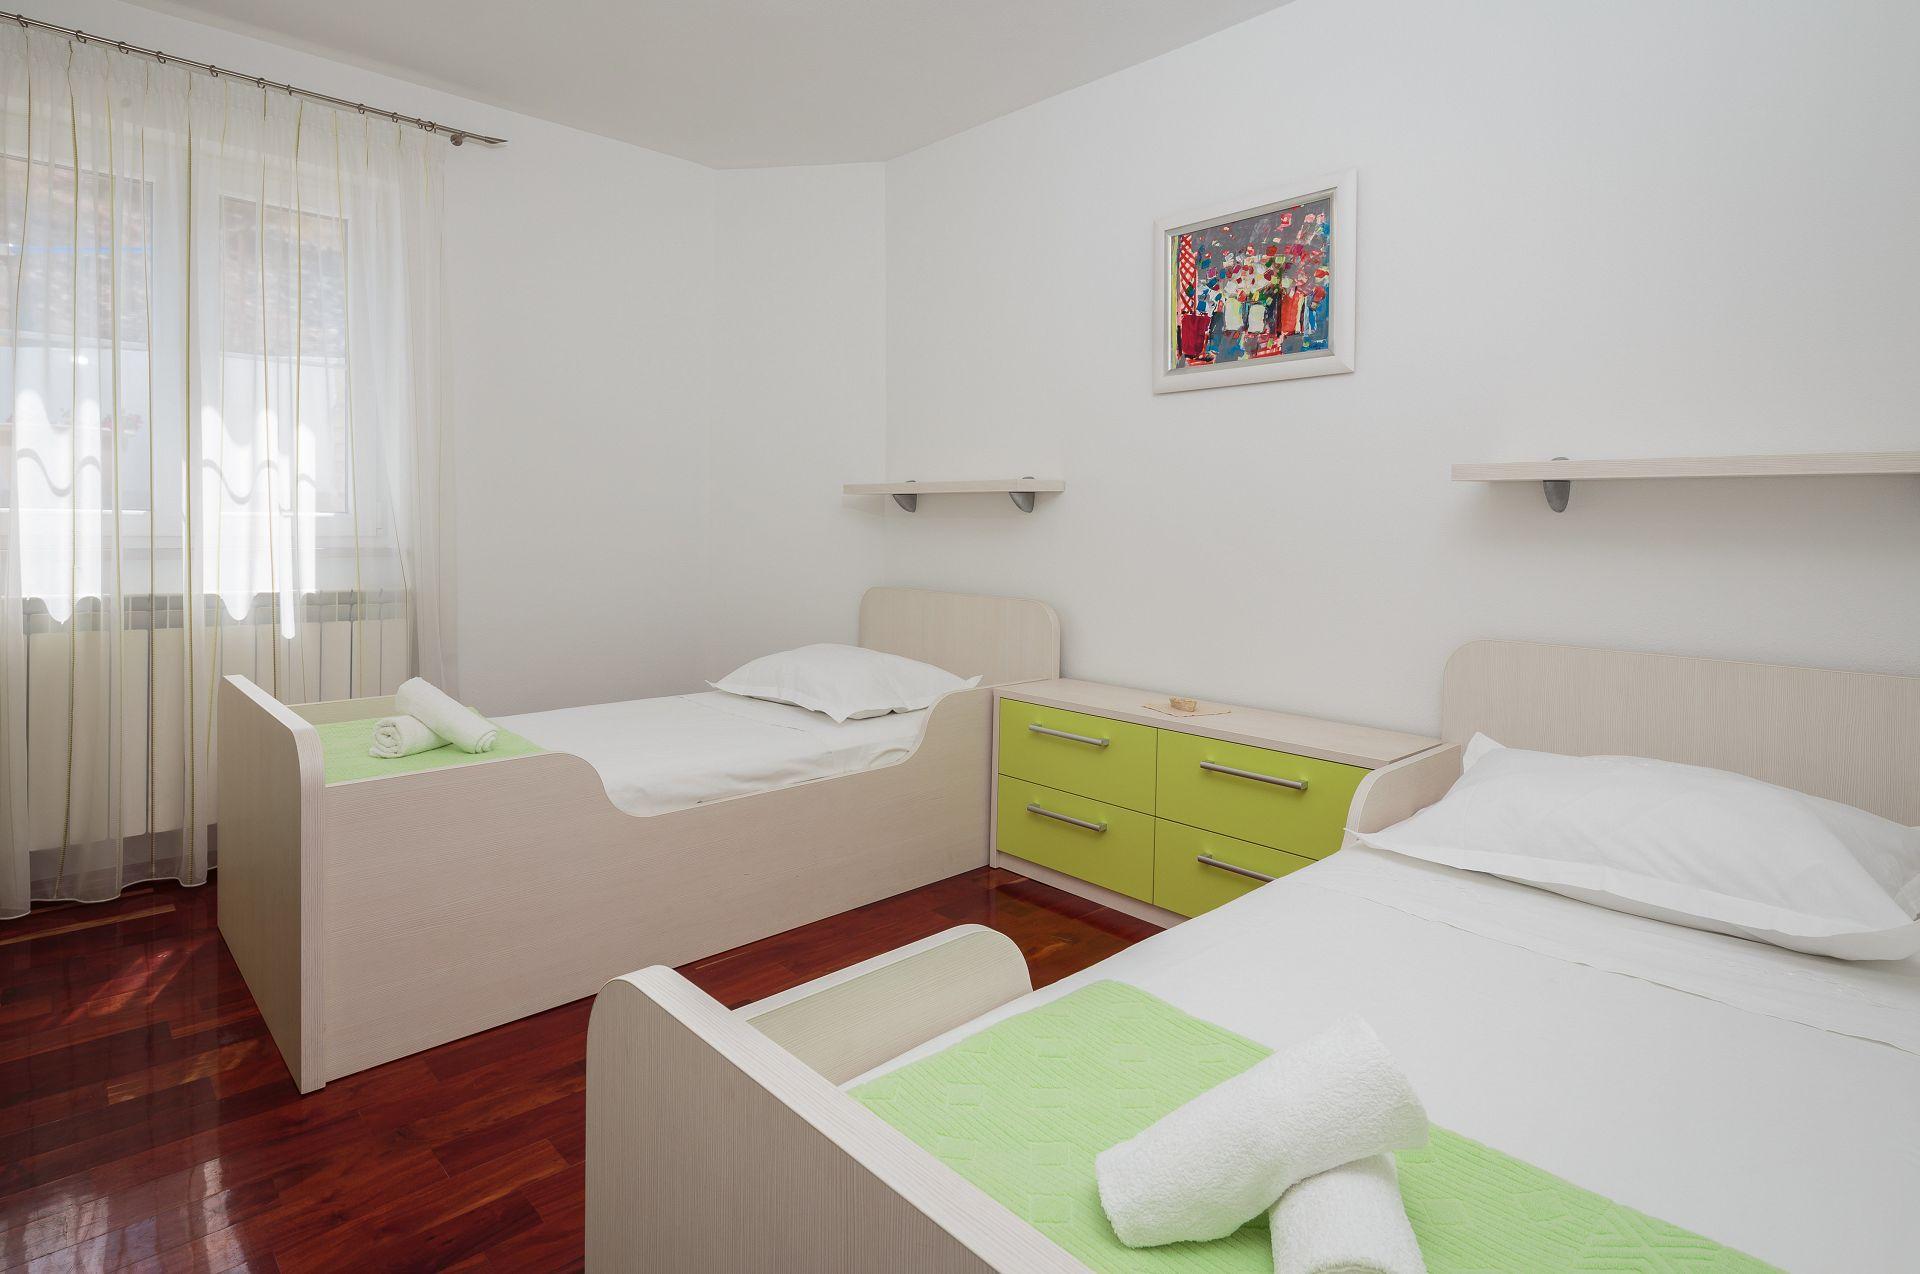 Maison de vacances Andre H(6+2) - Nerezisca (1533099), Nerezisca, Île de Brac, Dalmatie, Croatie, image 27